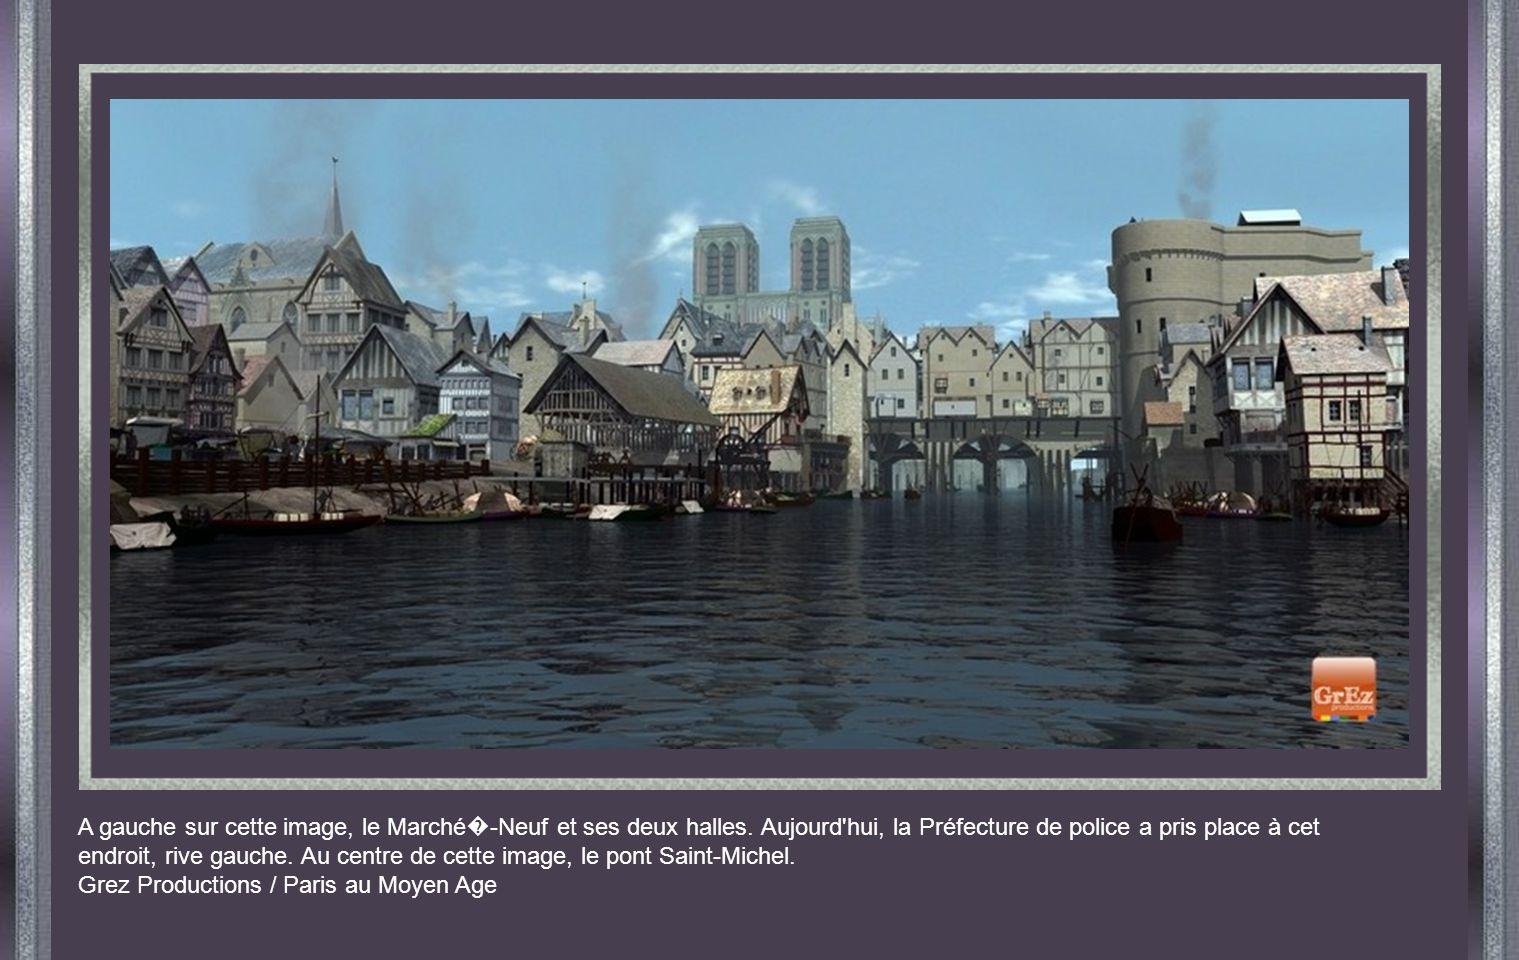 A gauche sur cette image, le Marché�-Neuf et ses deux halles